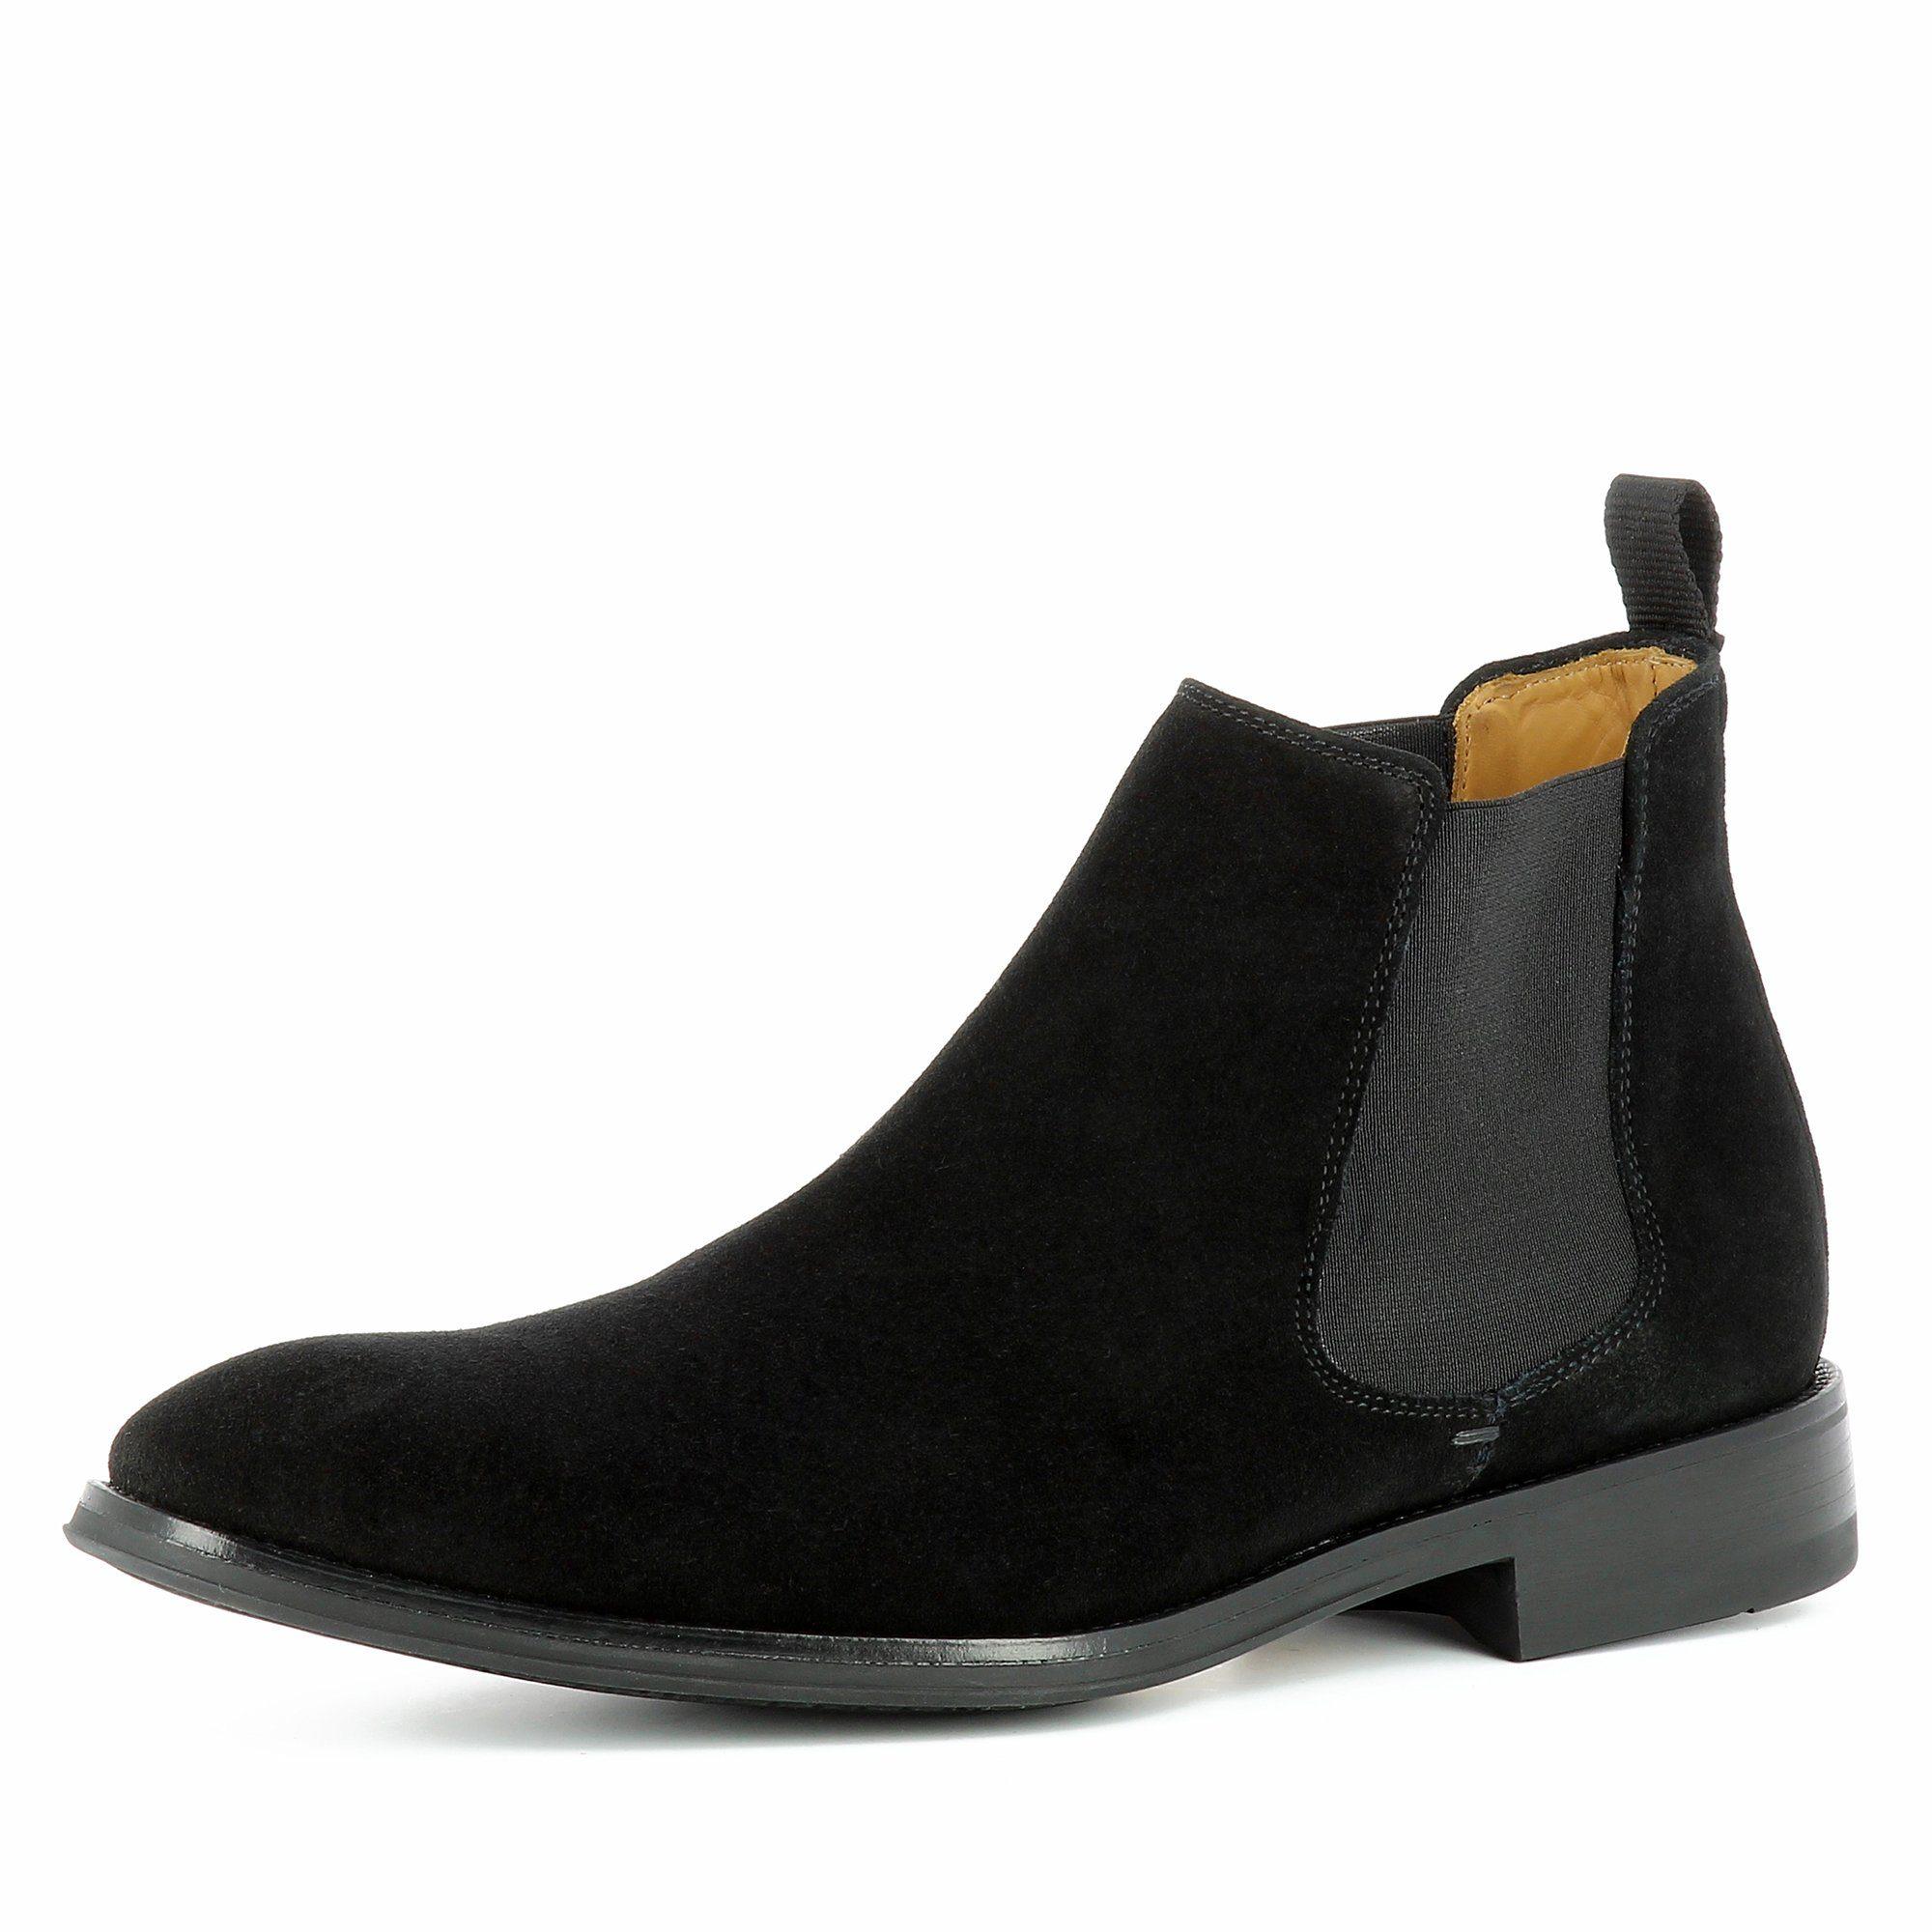 Evita STEFANO Ankleboots online kaufen  schwarz